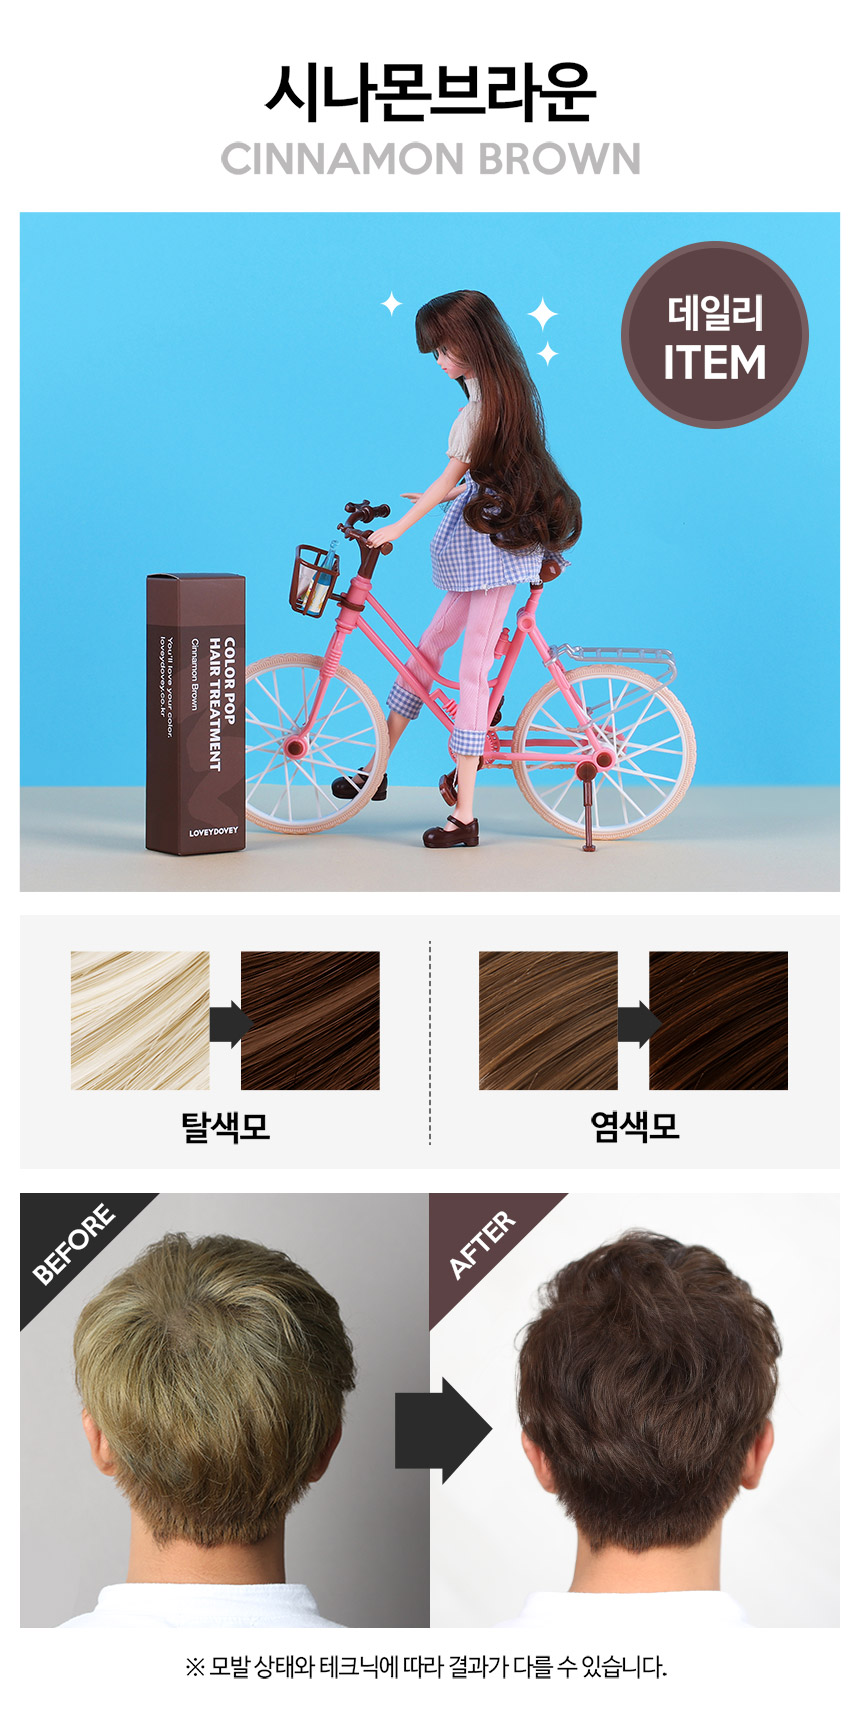 03-color-cinnamonbrowna.jpg